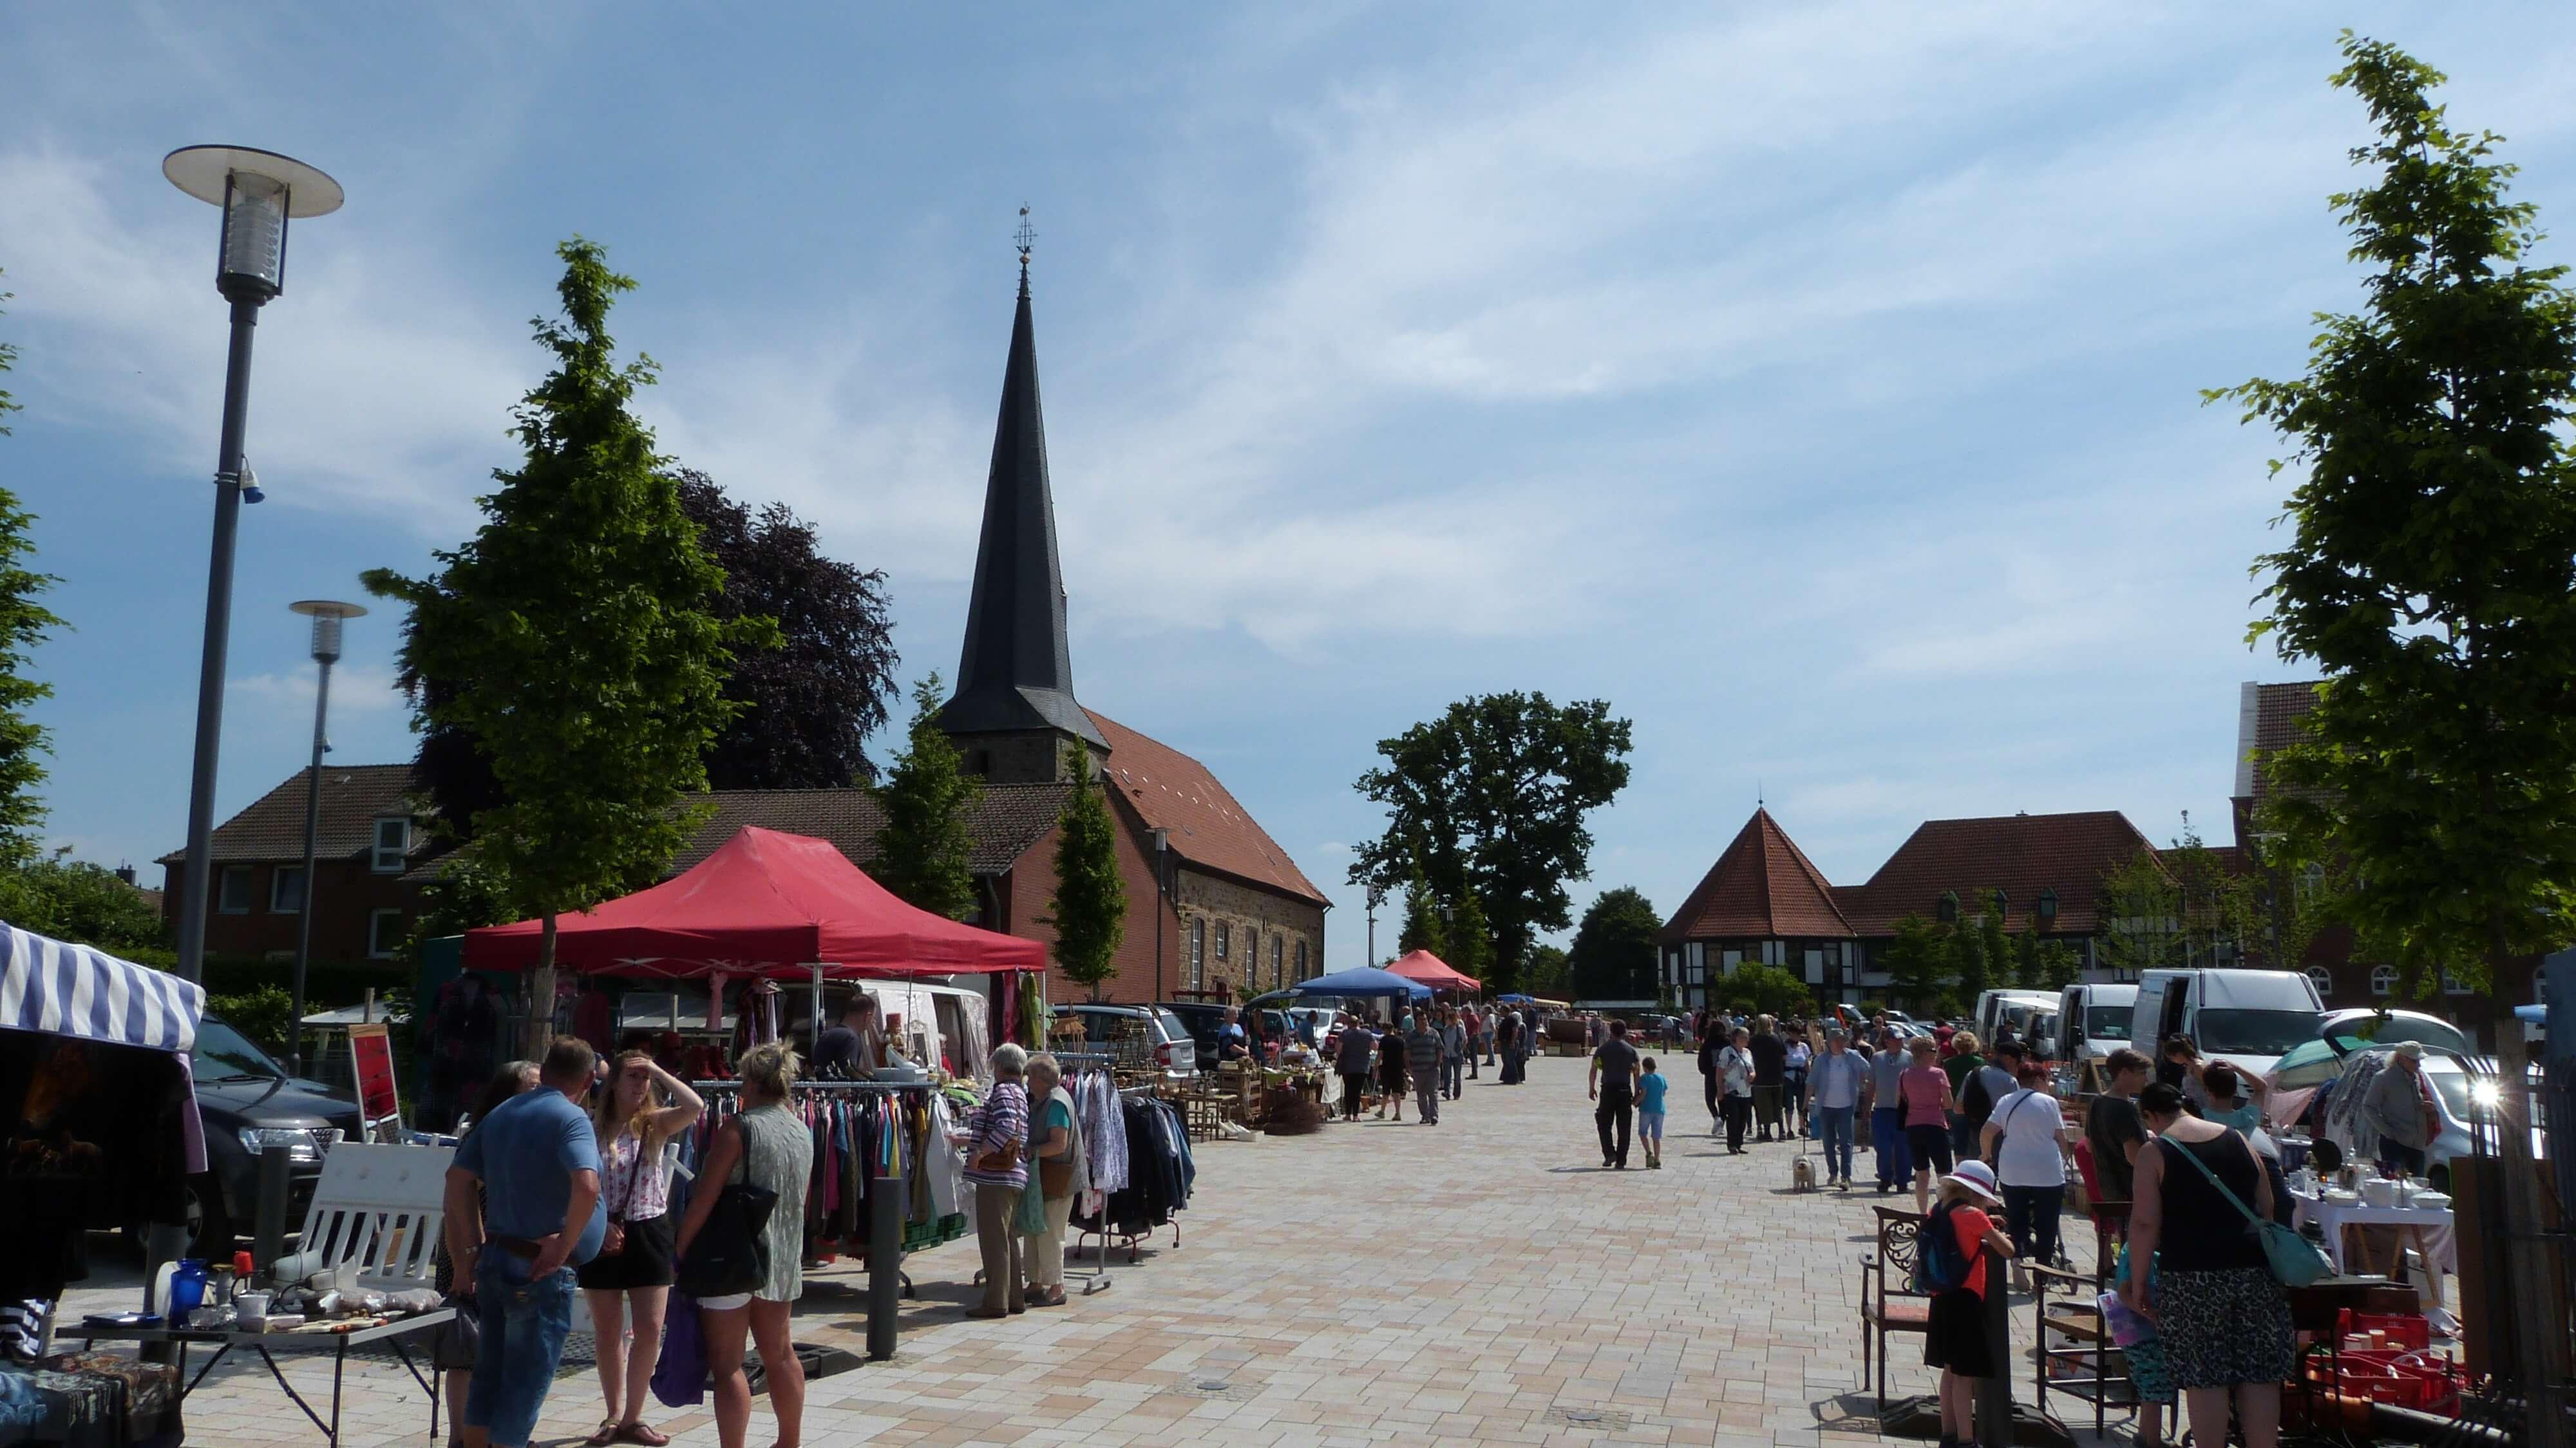 troedelmarkt-rehburg-stadtplatz-staende.JPG